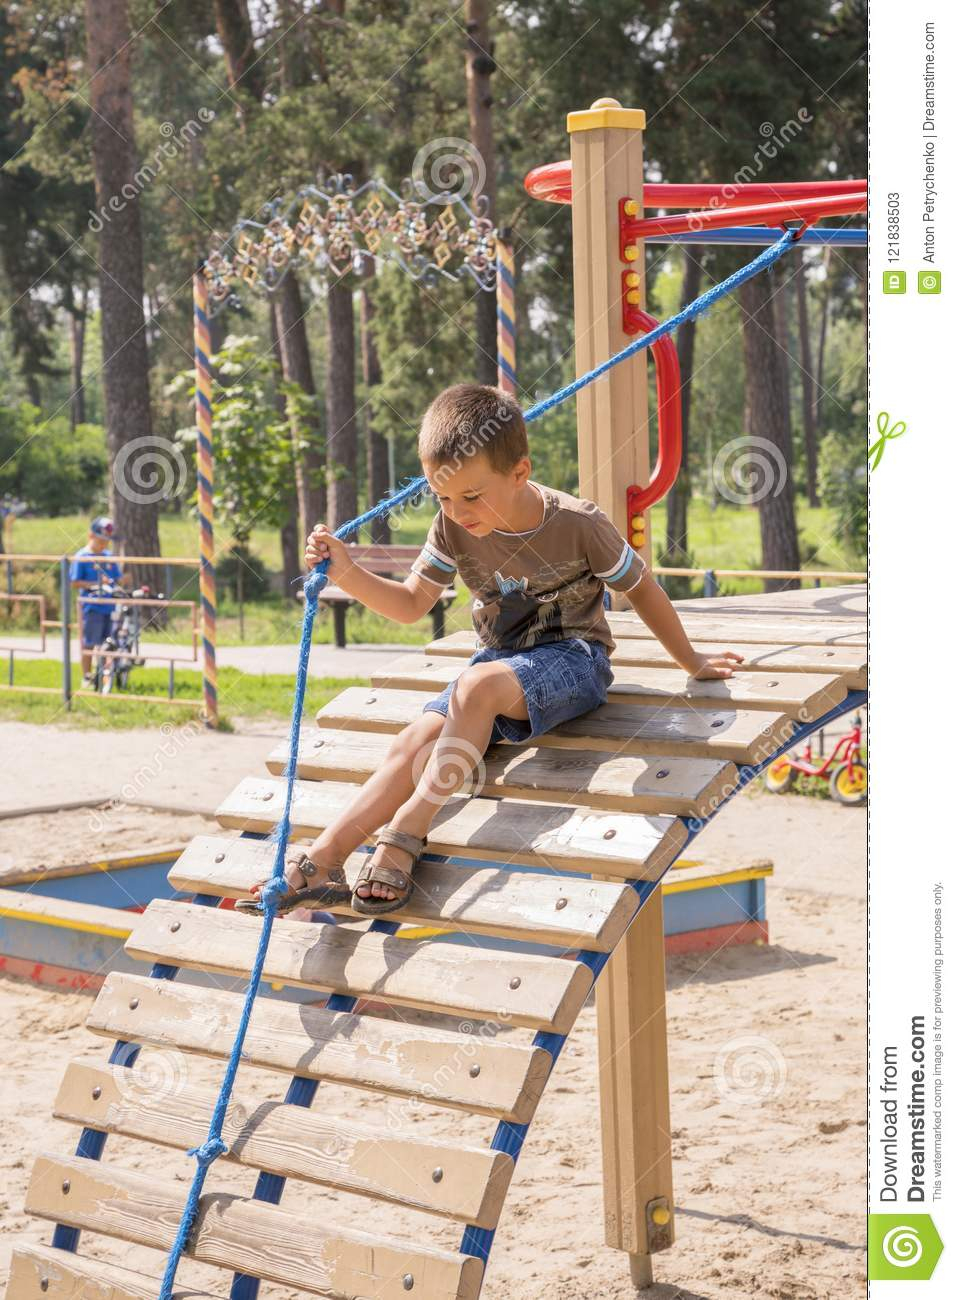 Garçon 4 Ans Sur Le Terrain De Jeu Enfant De Quatre Ans pour Jeux Gratuit Garçon 4 Ans